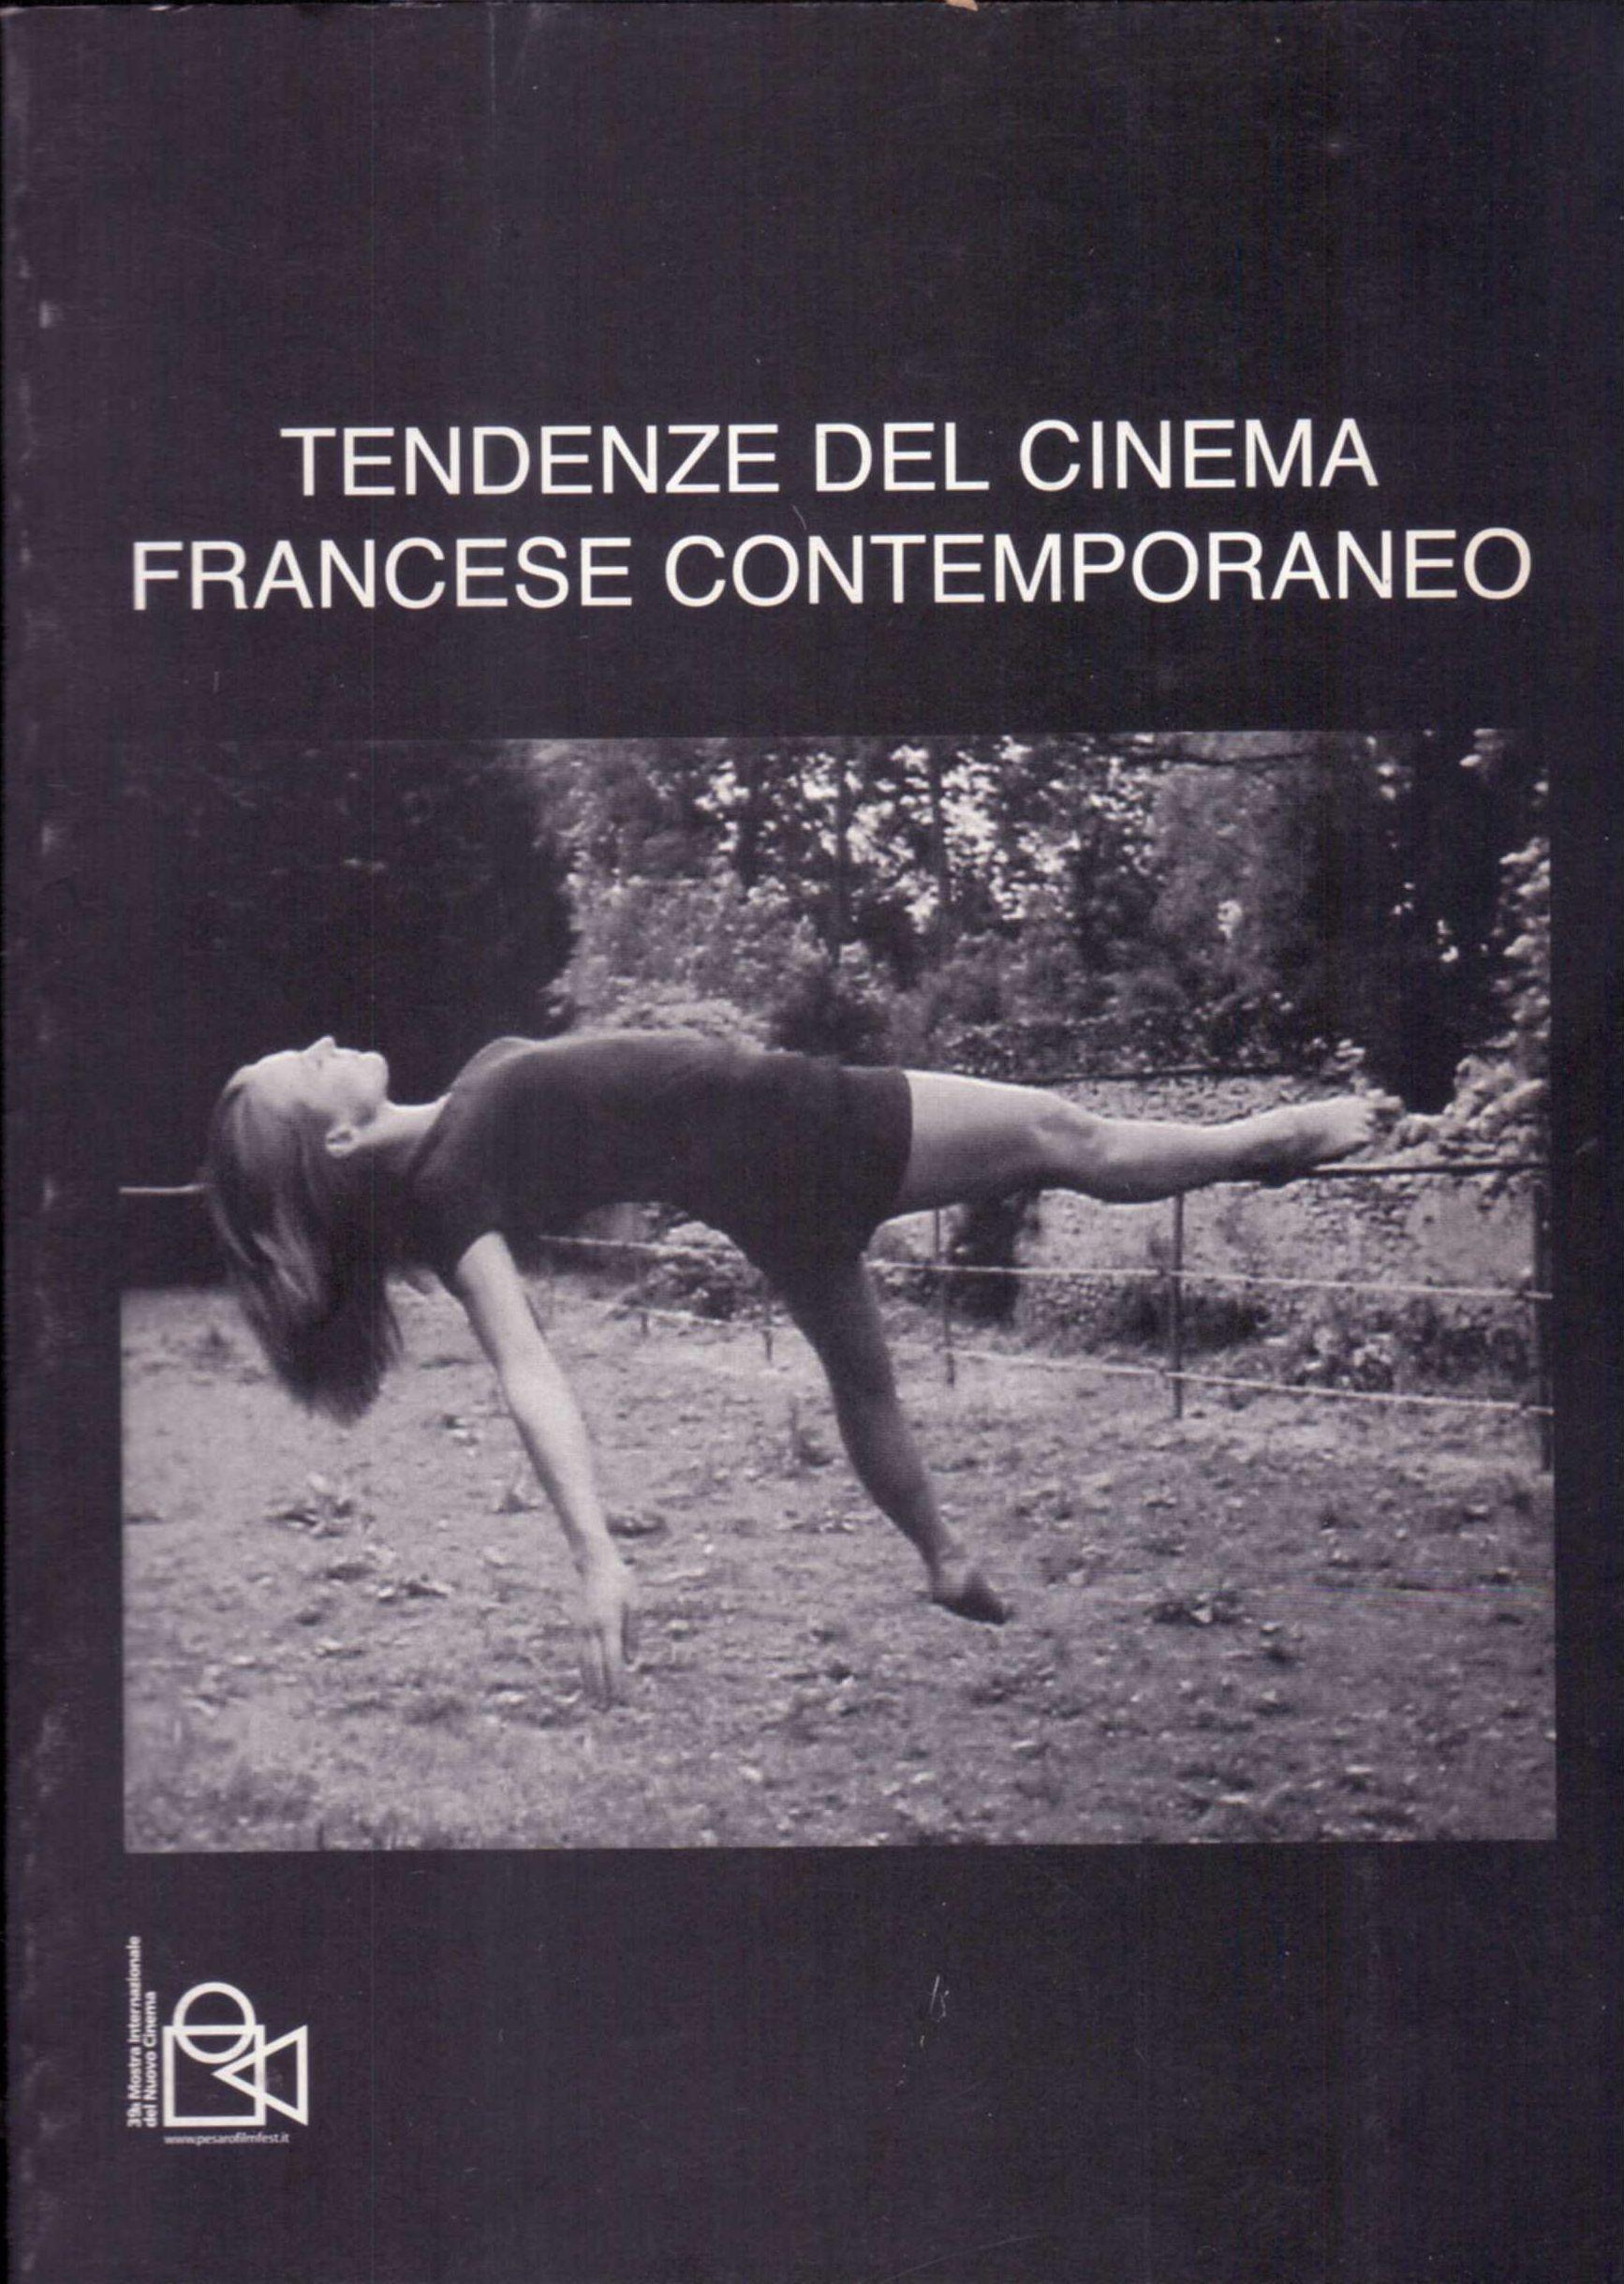 Tendenze del cinema francese contemporaneo